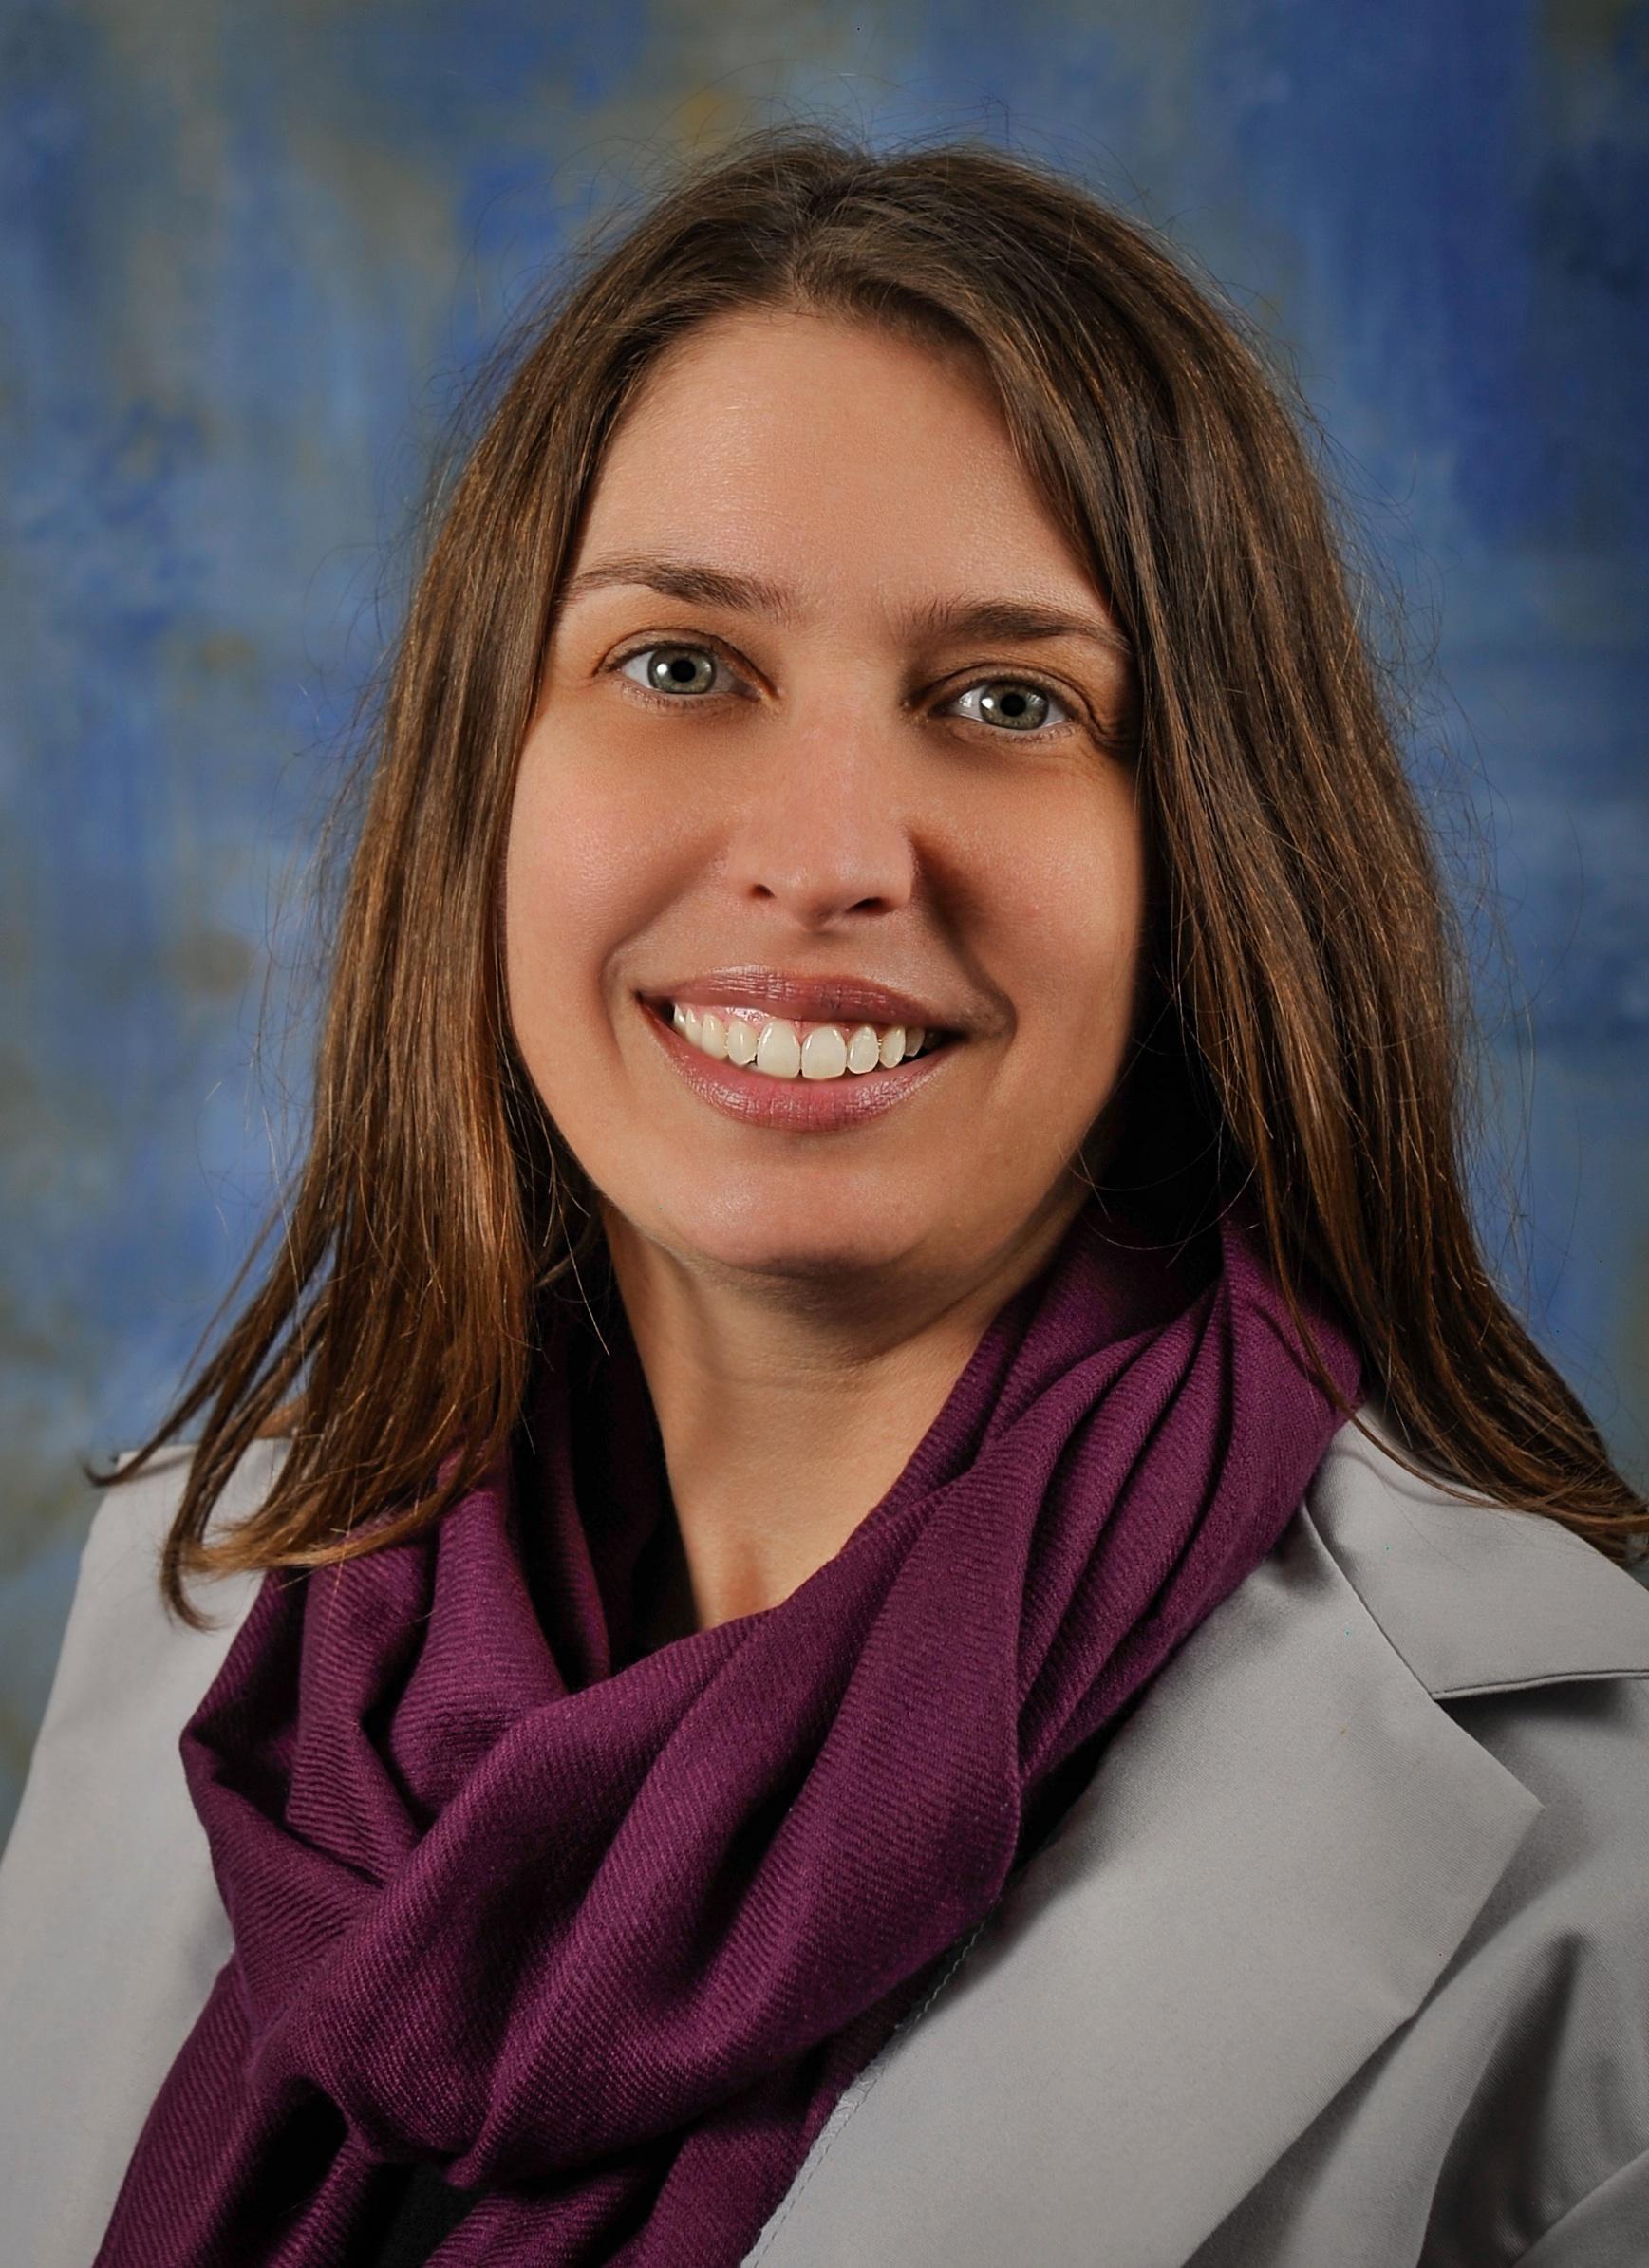 Sybil G. Hosek, Ph.D.